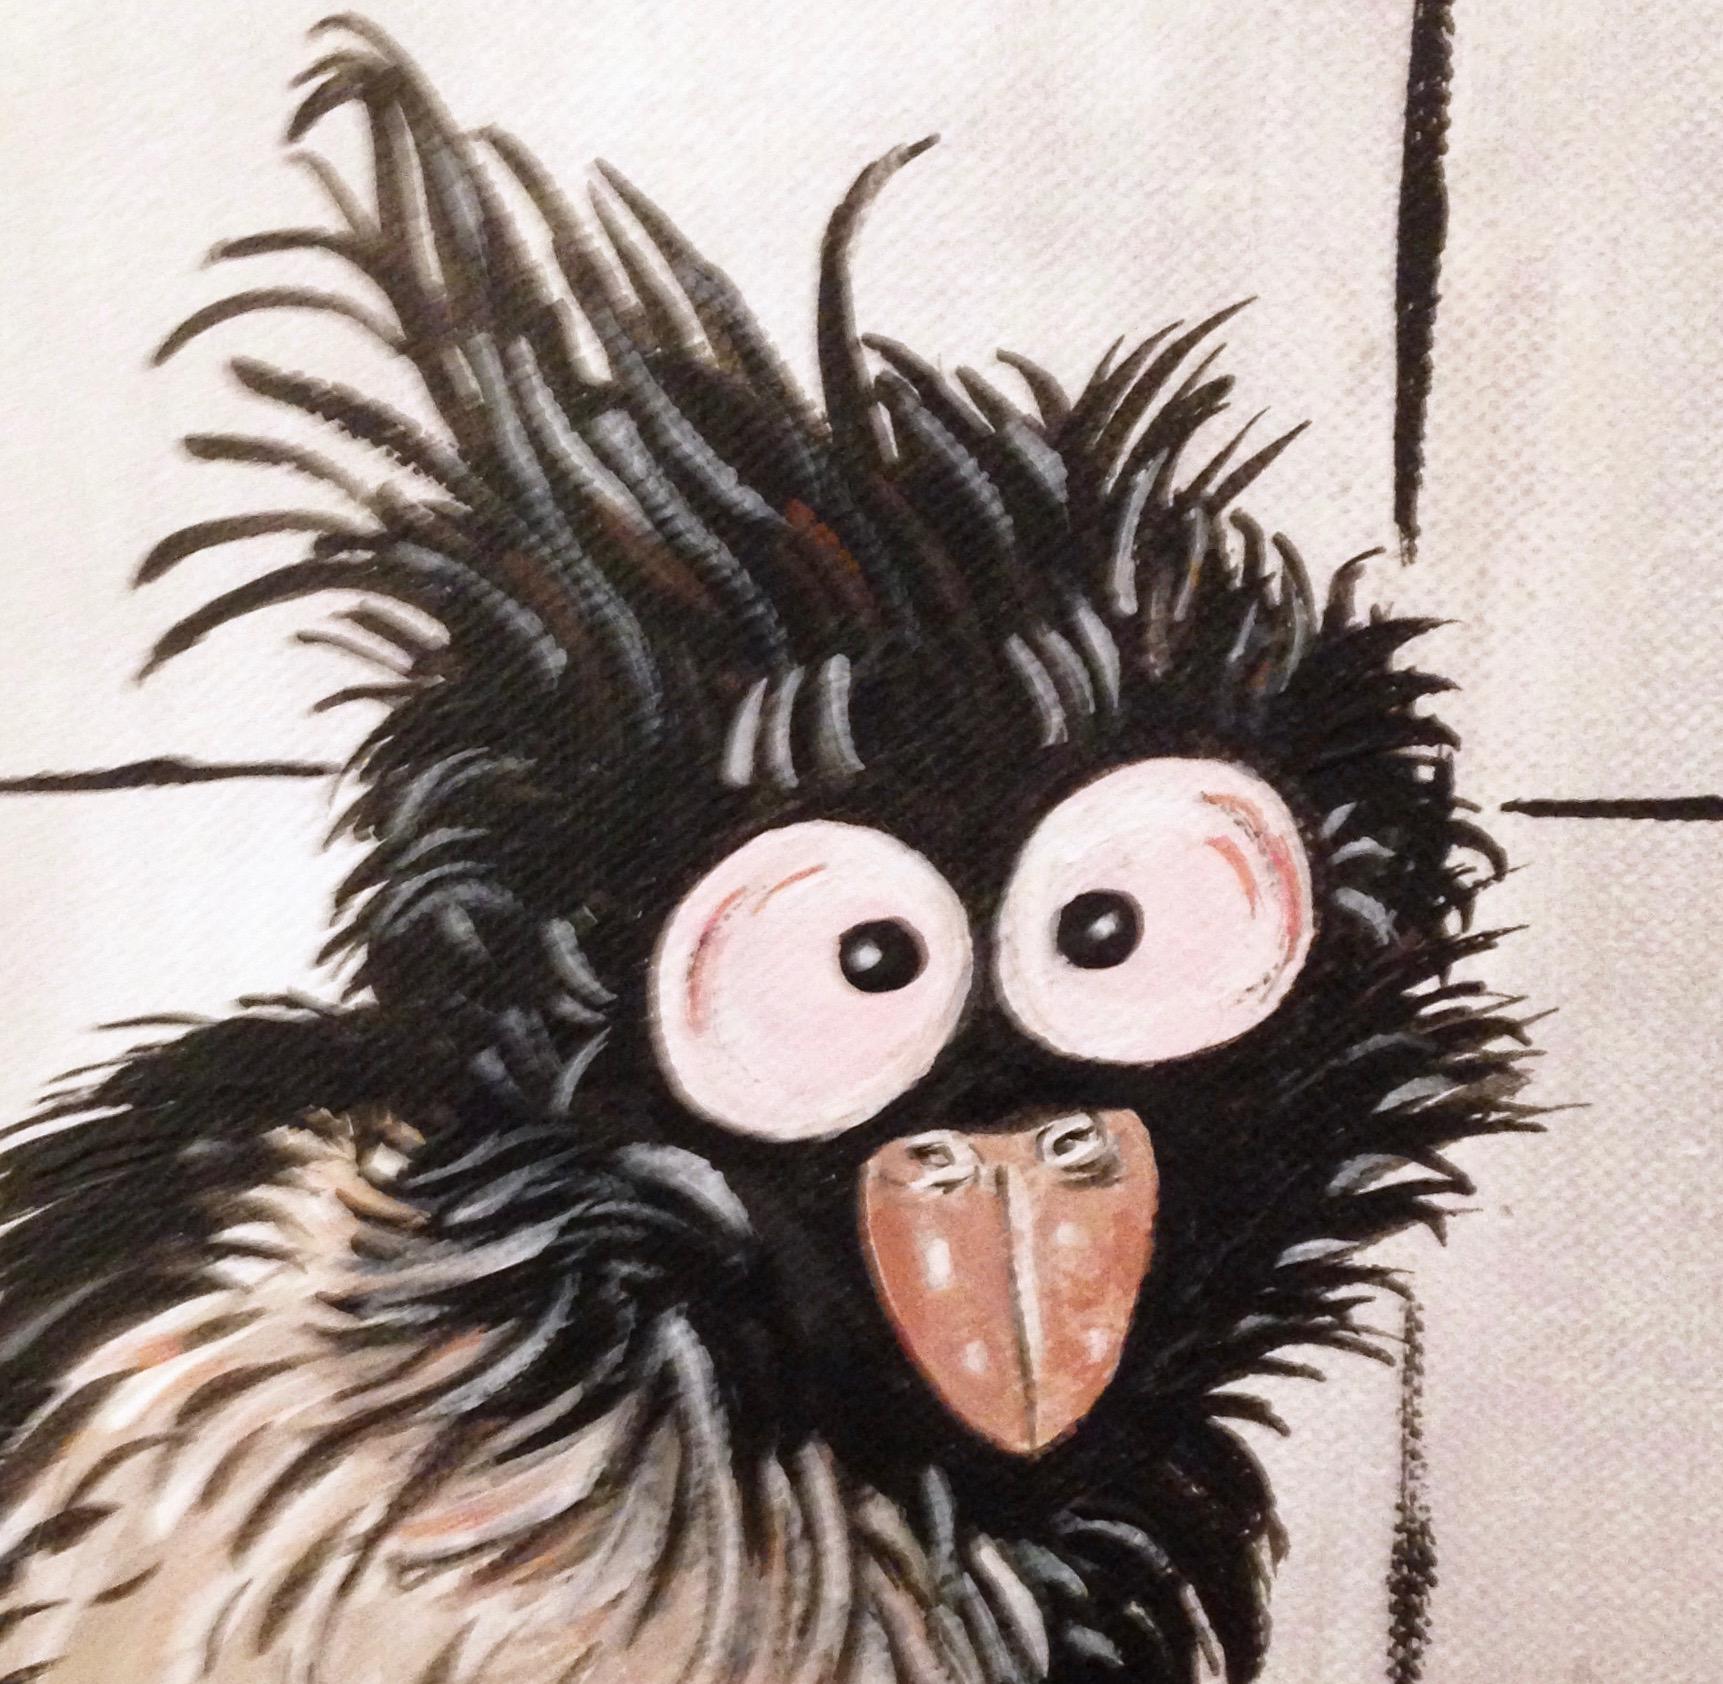 tableau d art peinture acrylique avec oiseau comique eleanor gabriel. Black Bedroom Furniture Sets. Home Design Ideas